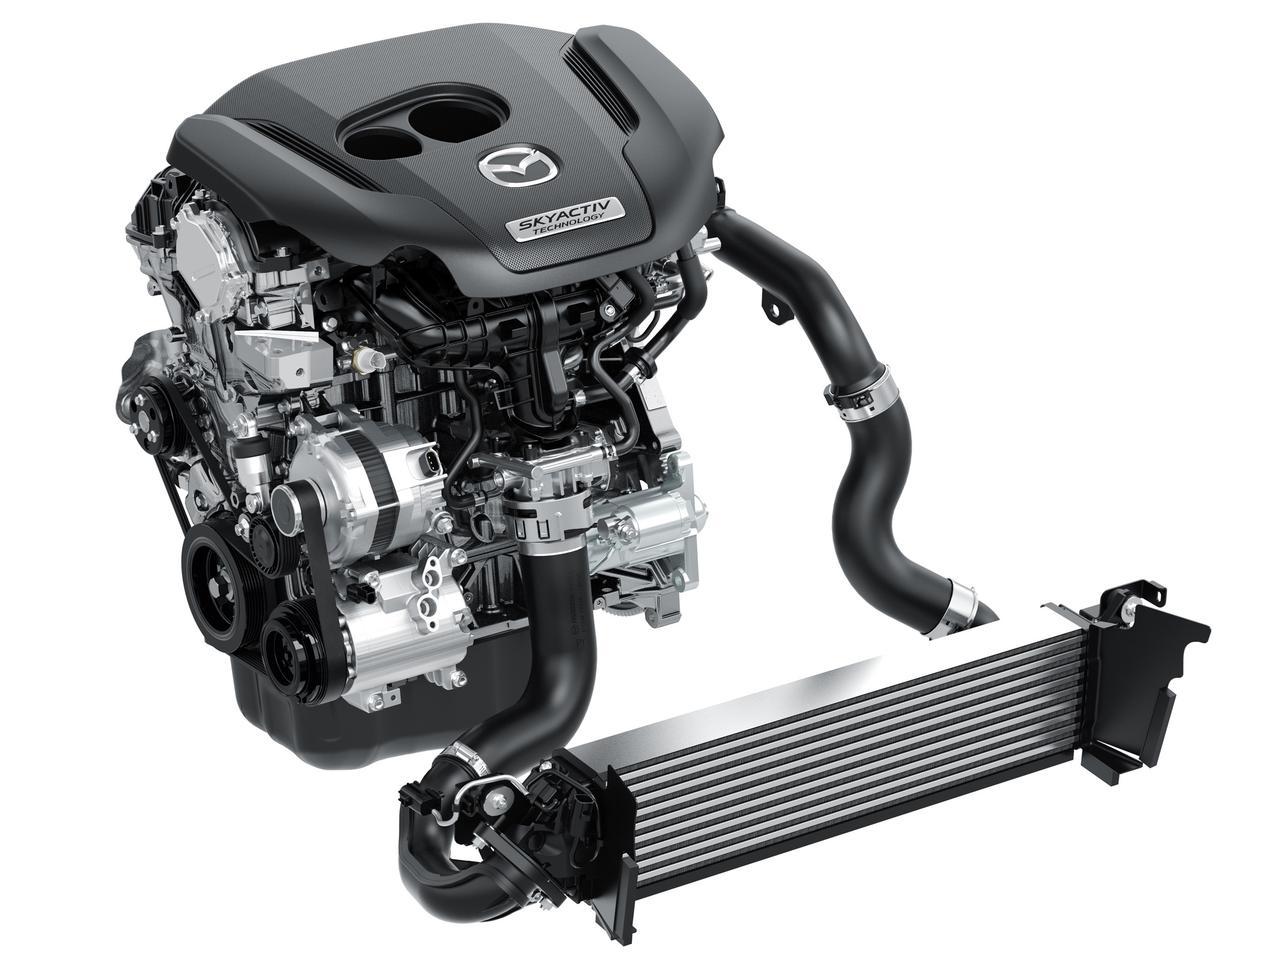 【ニューモデル】SKYACTIV-G 2.5Tを搭載! マツダ、CX-8を商品改良